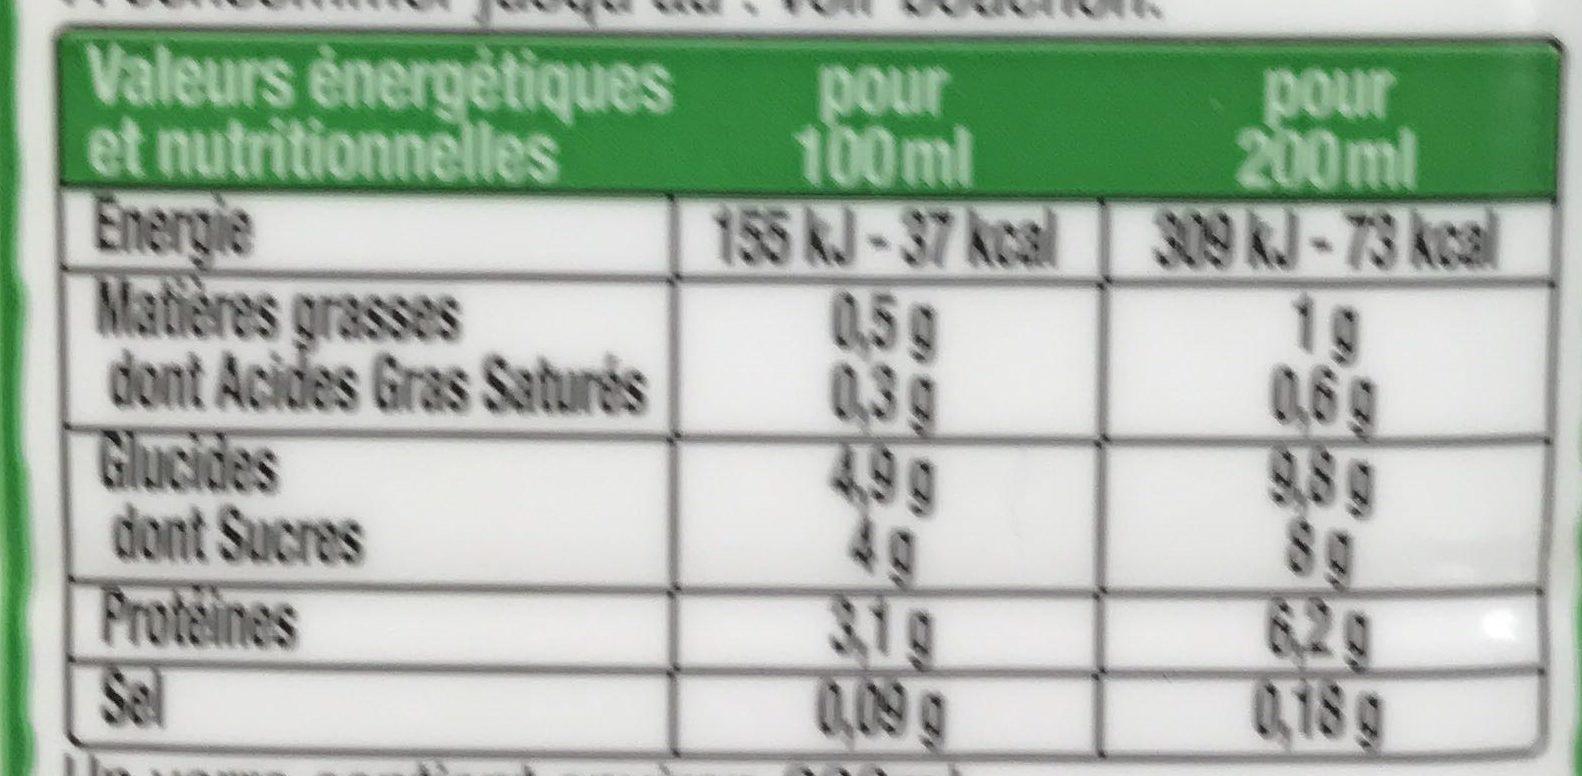 Le Lait Fermenté saveur Rose Poire - Voedingswaarden